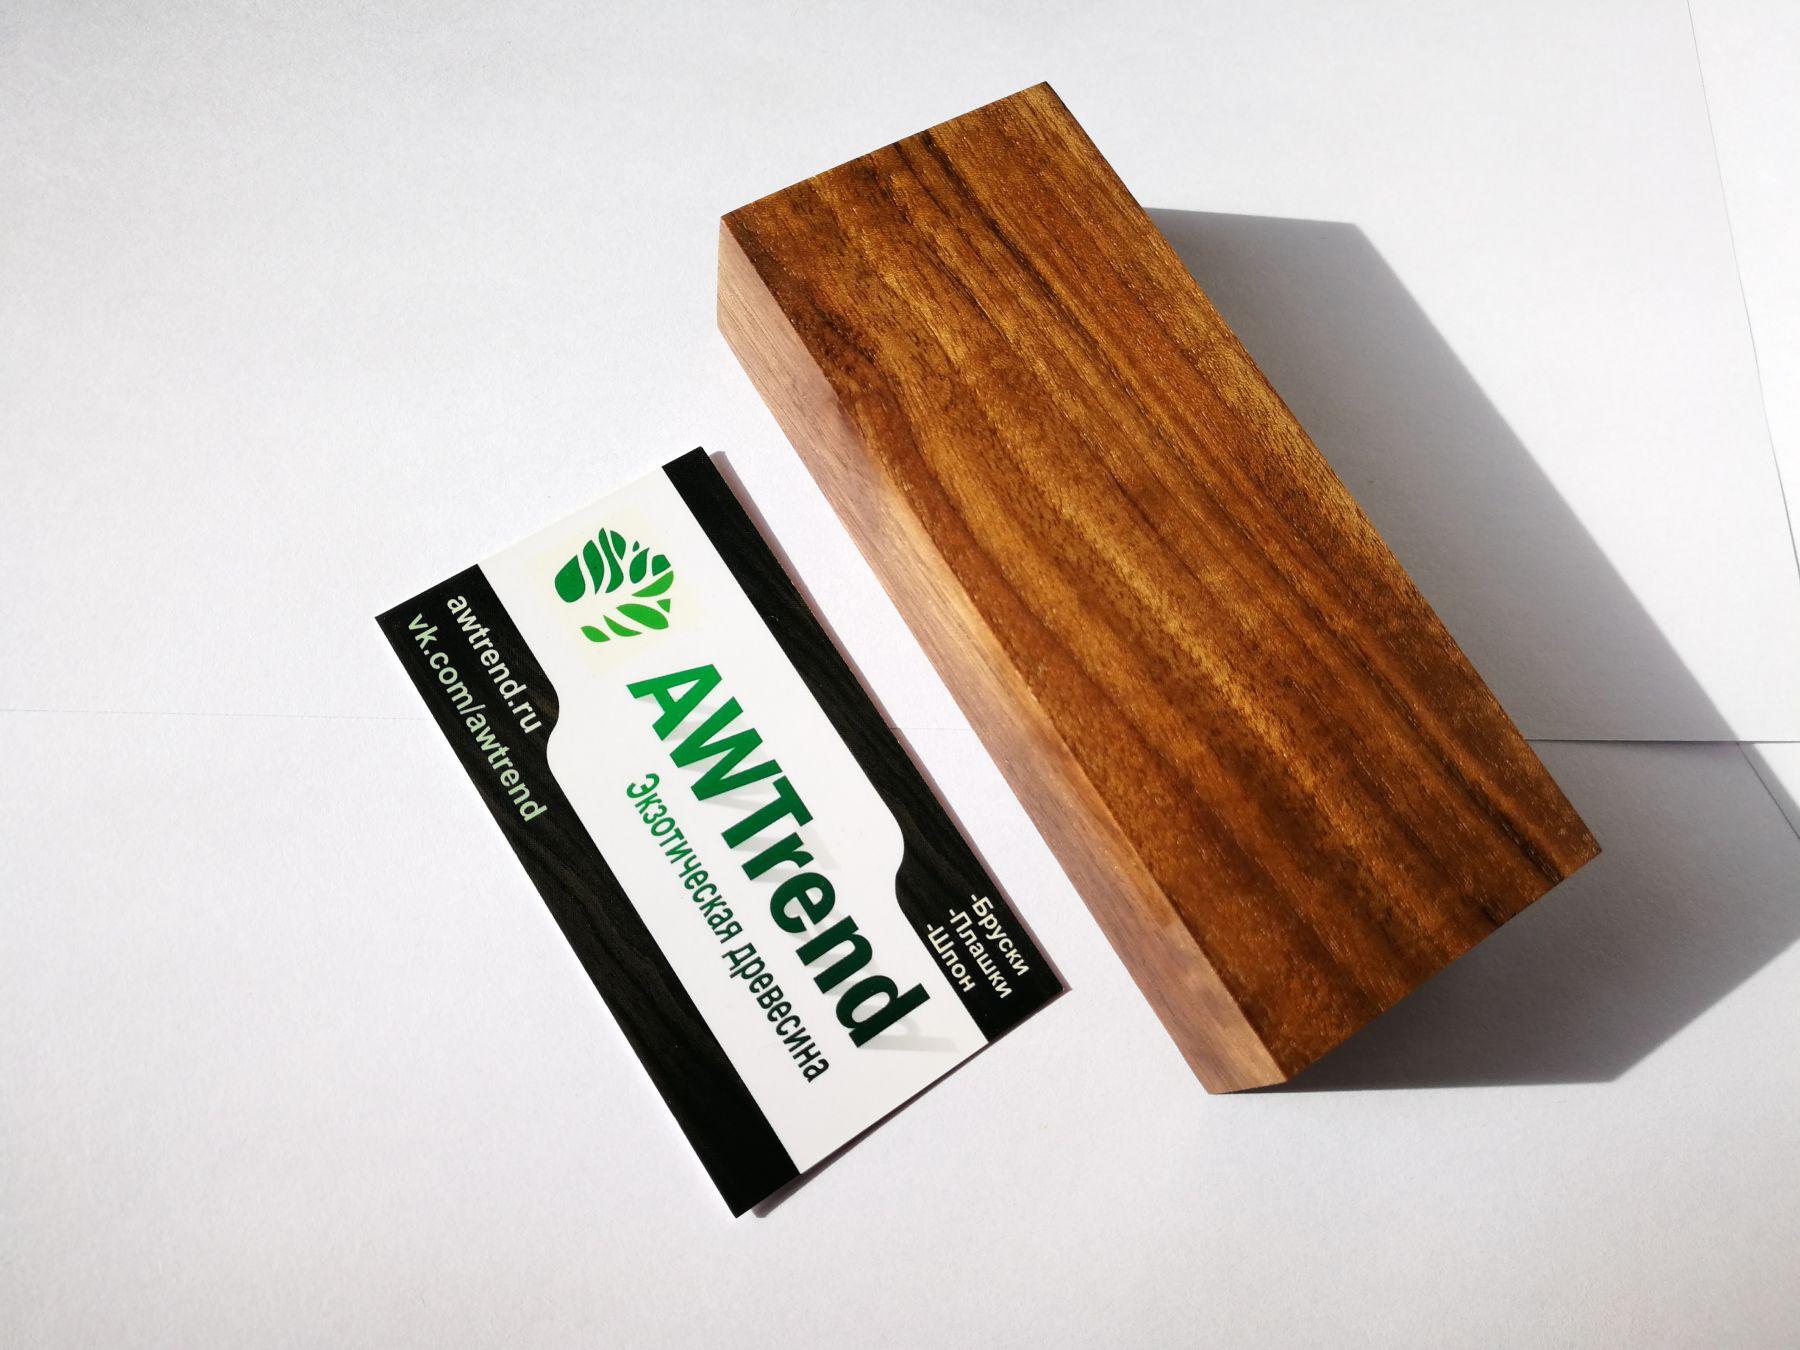 Орех Американский плашки 5-7-10-14 мм (толщина выбирается при клике на товар)